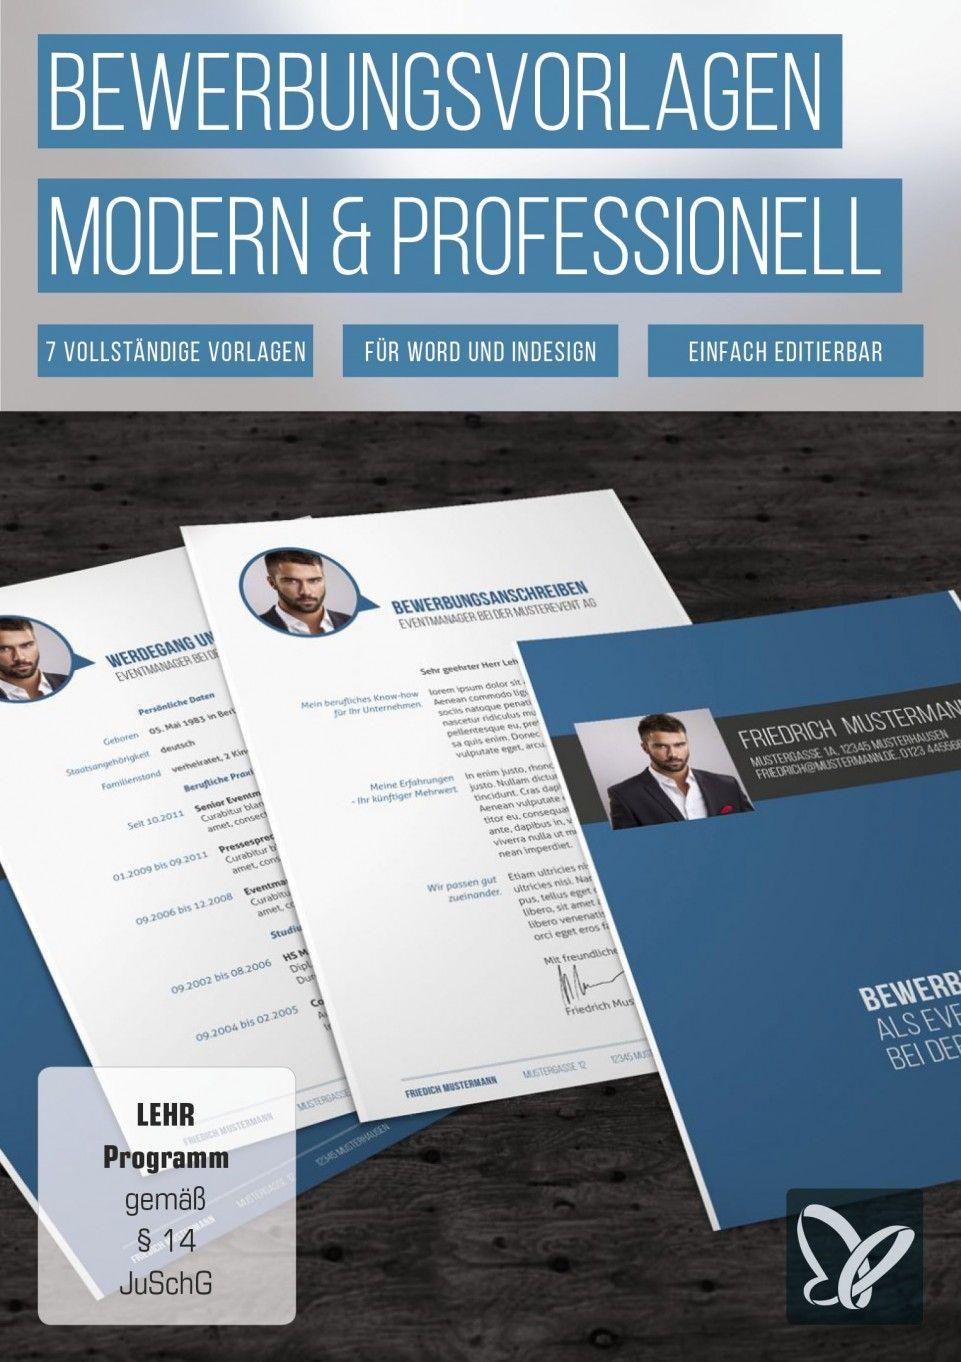 Bewerbungsvorlagen - modern, kreativ und professionell   Neuer job ...